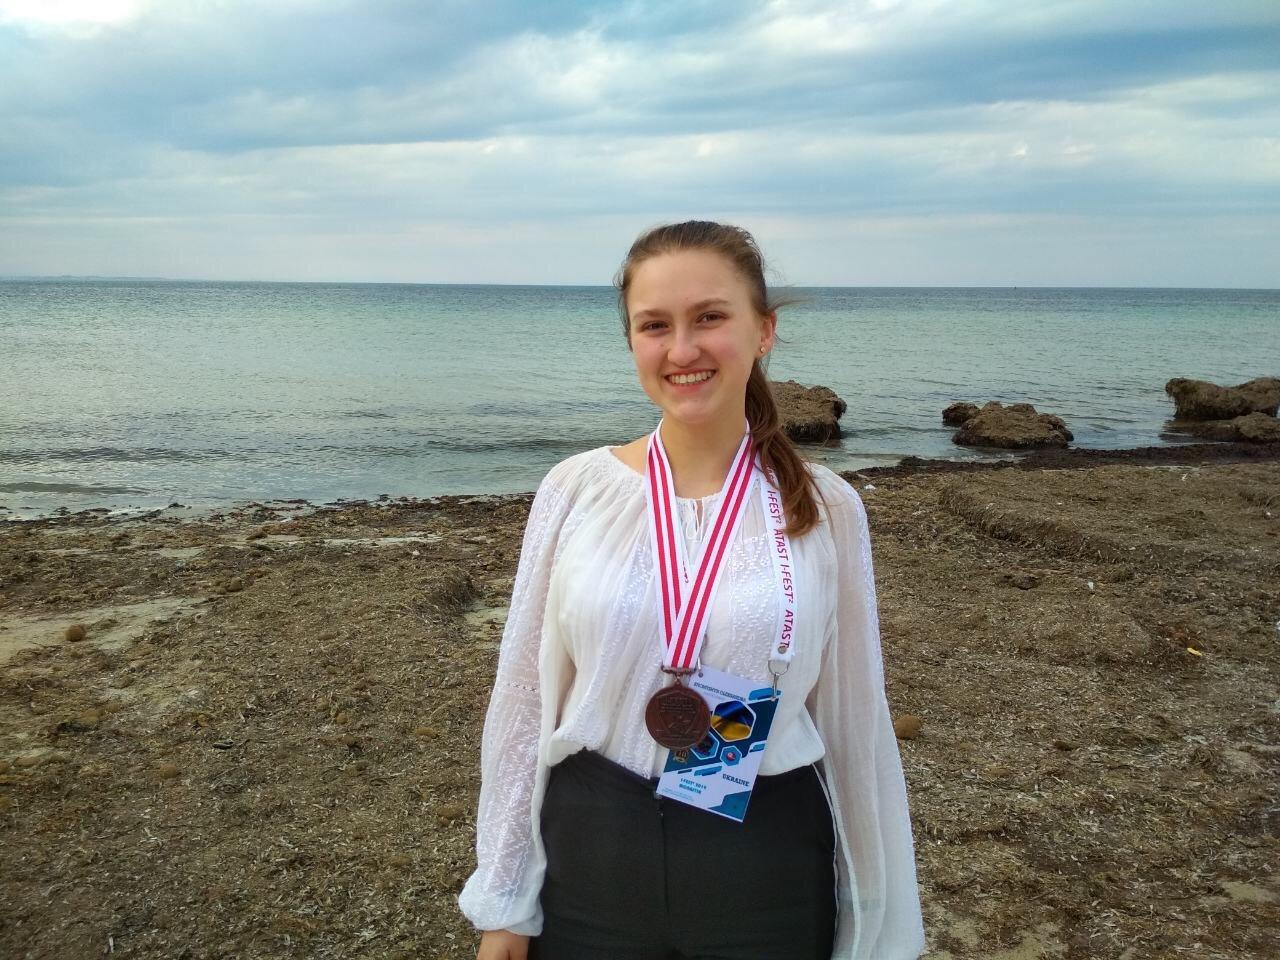 В Тунісі тернопільська школярка за свою наукову роботу отримала бронзову медаль (ФОТО), фото-2